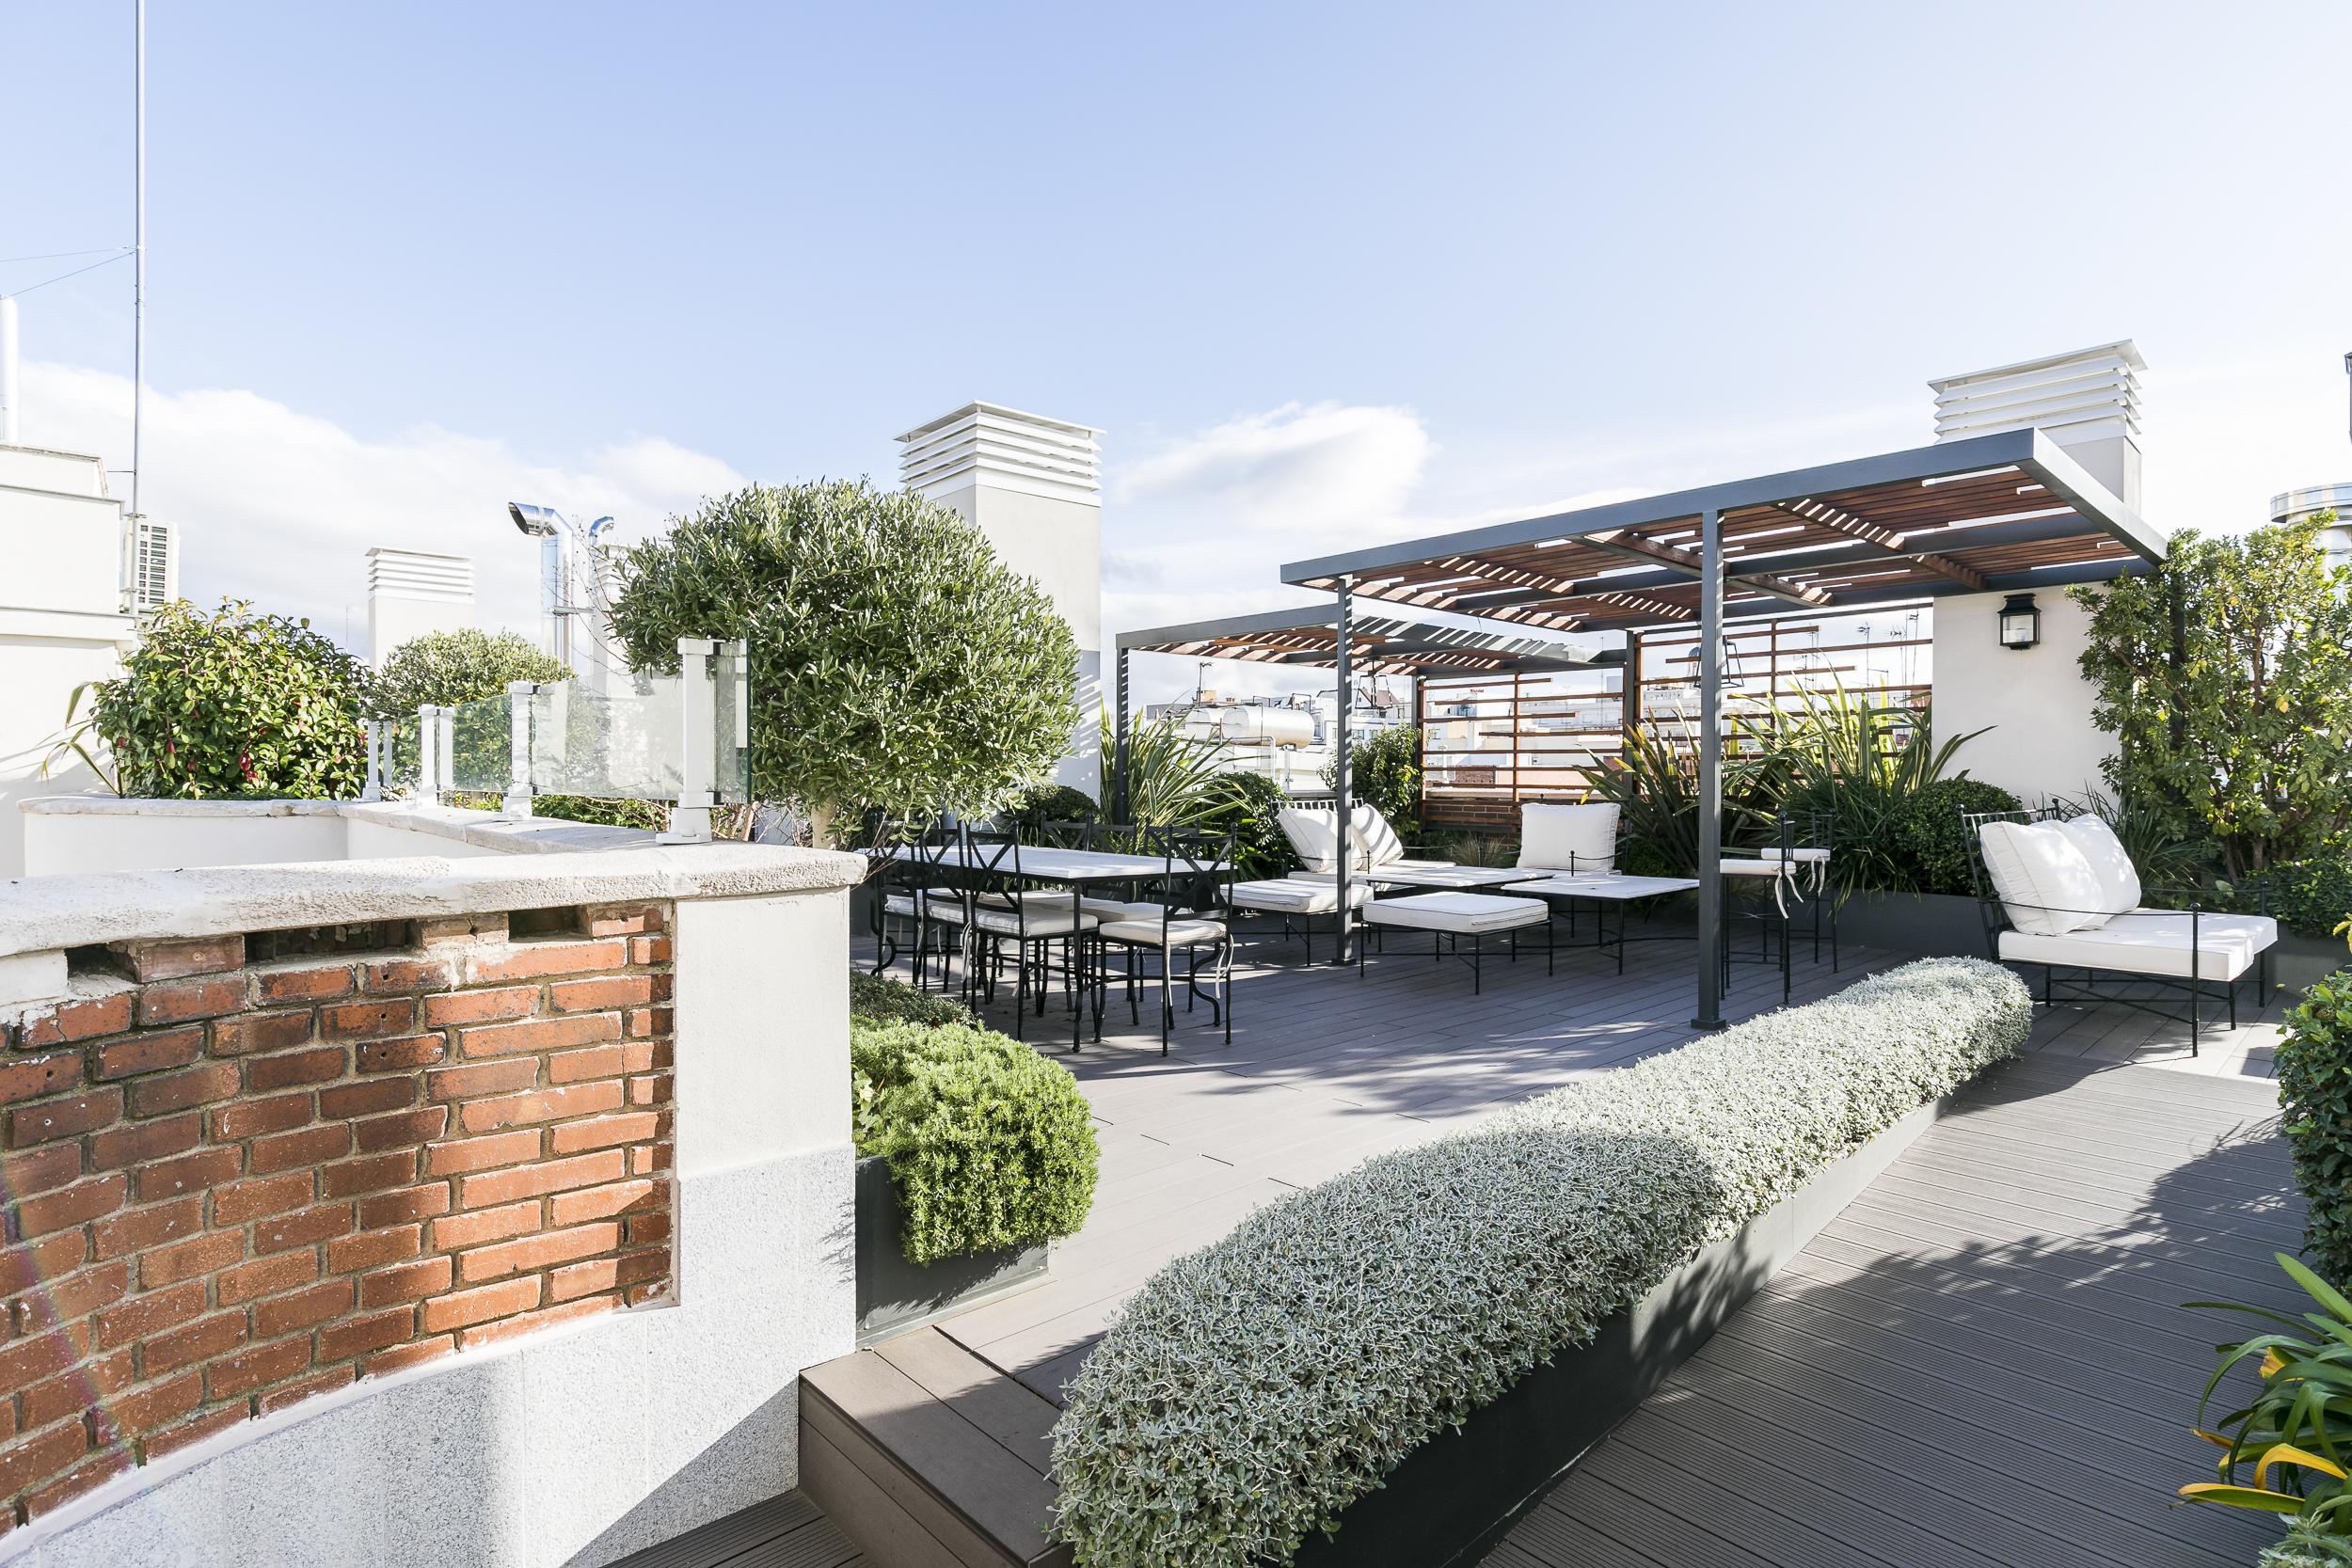 El aumento de la demanda de viviendas de lujo con terraza